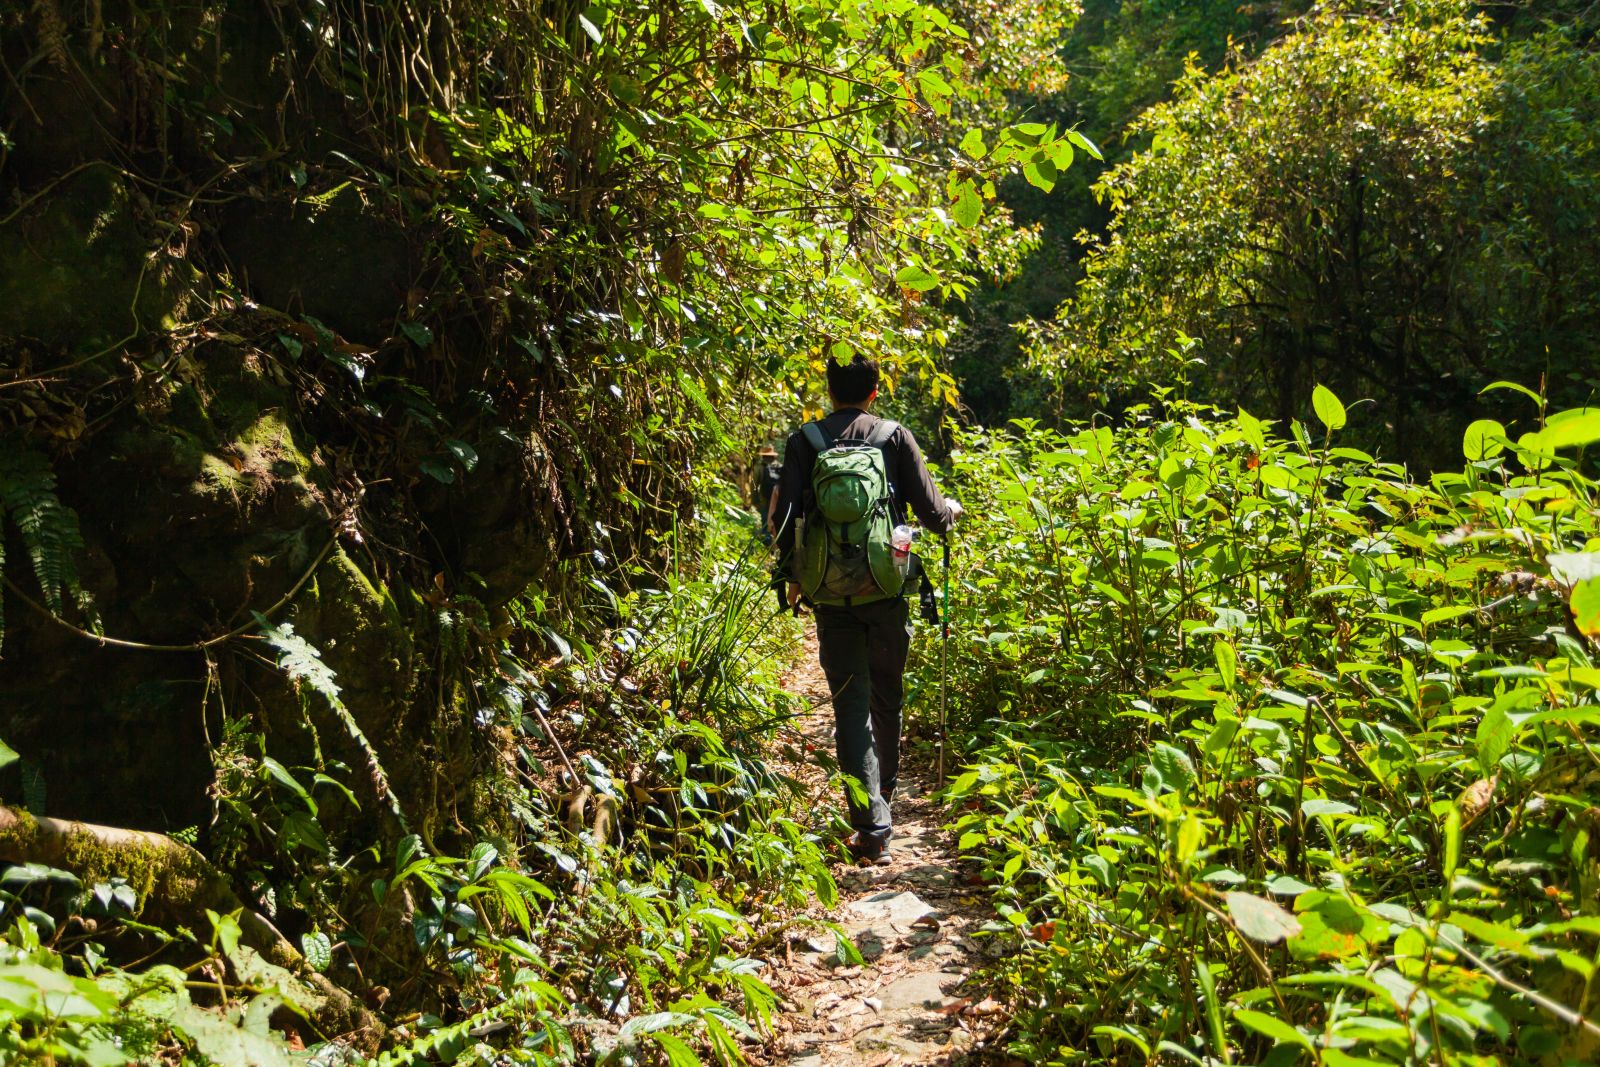 Eine Wandergruppe geht auf einem schmalen Pfad hintereinander. Um sie herum ist nur grüne Natur.